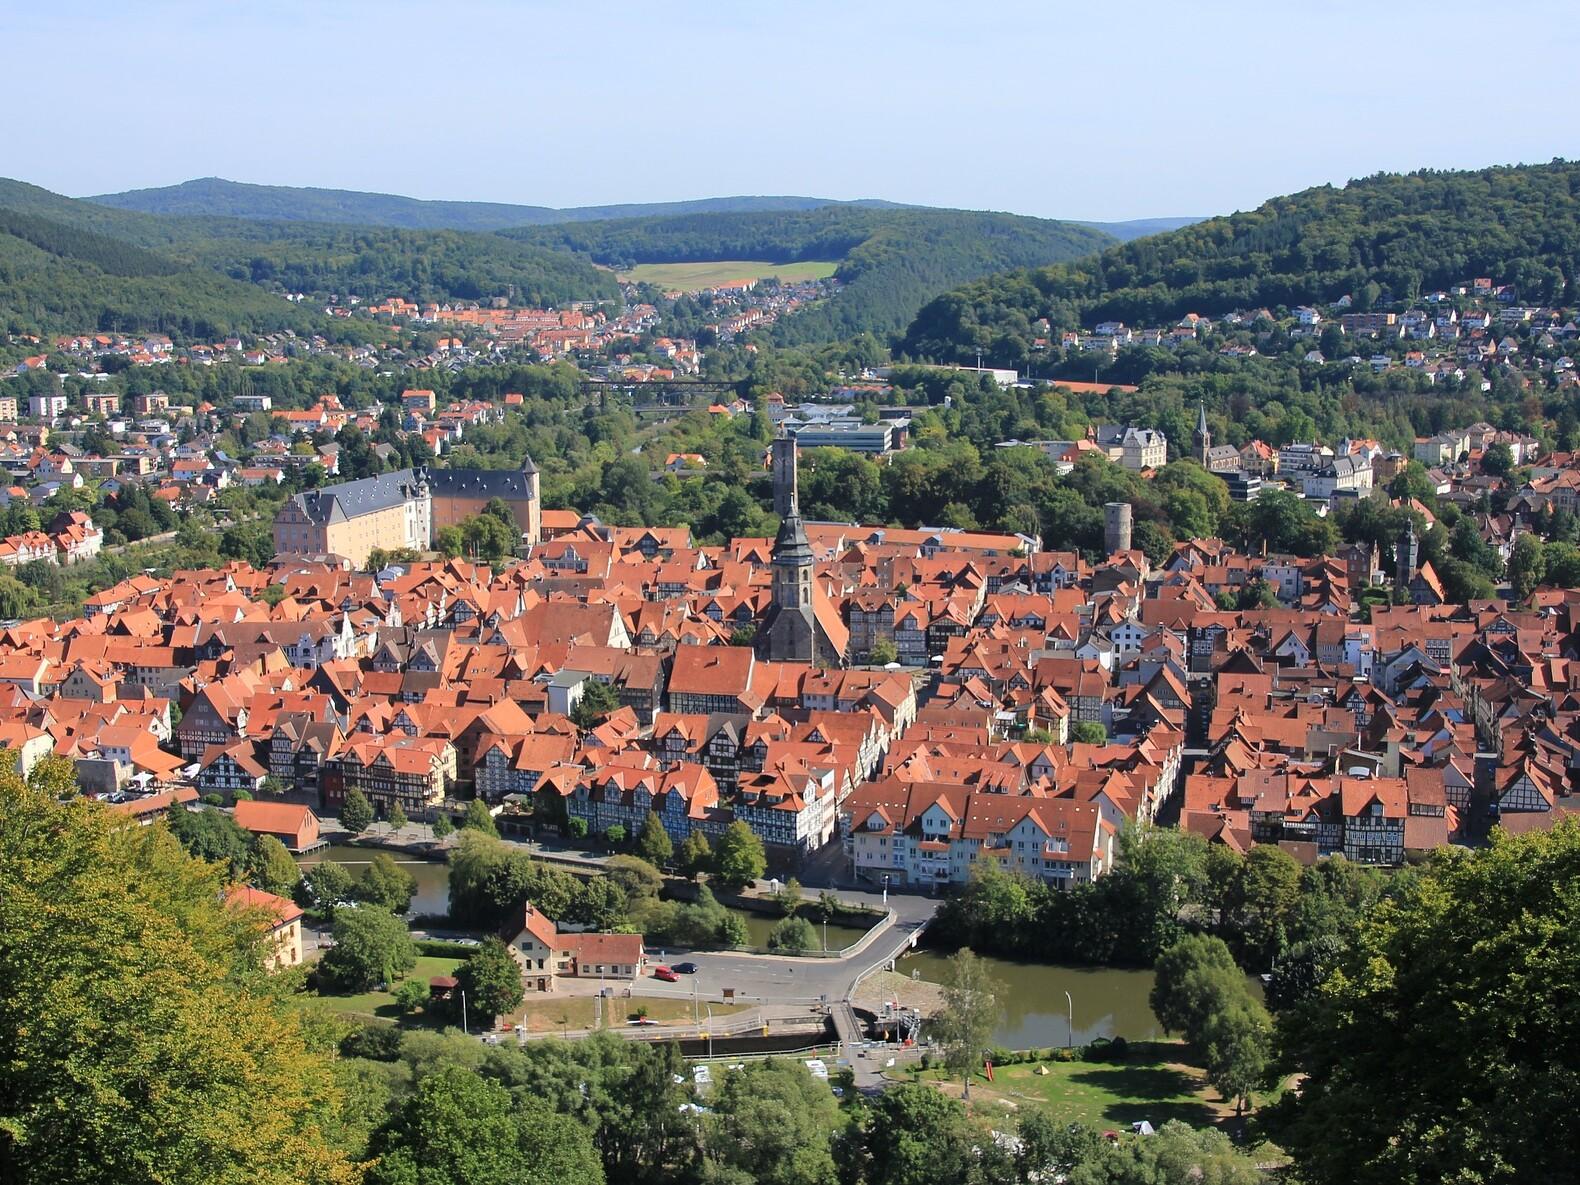 Luftbild von Hannoversch Münden in Niedersachsen.